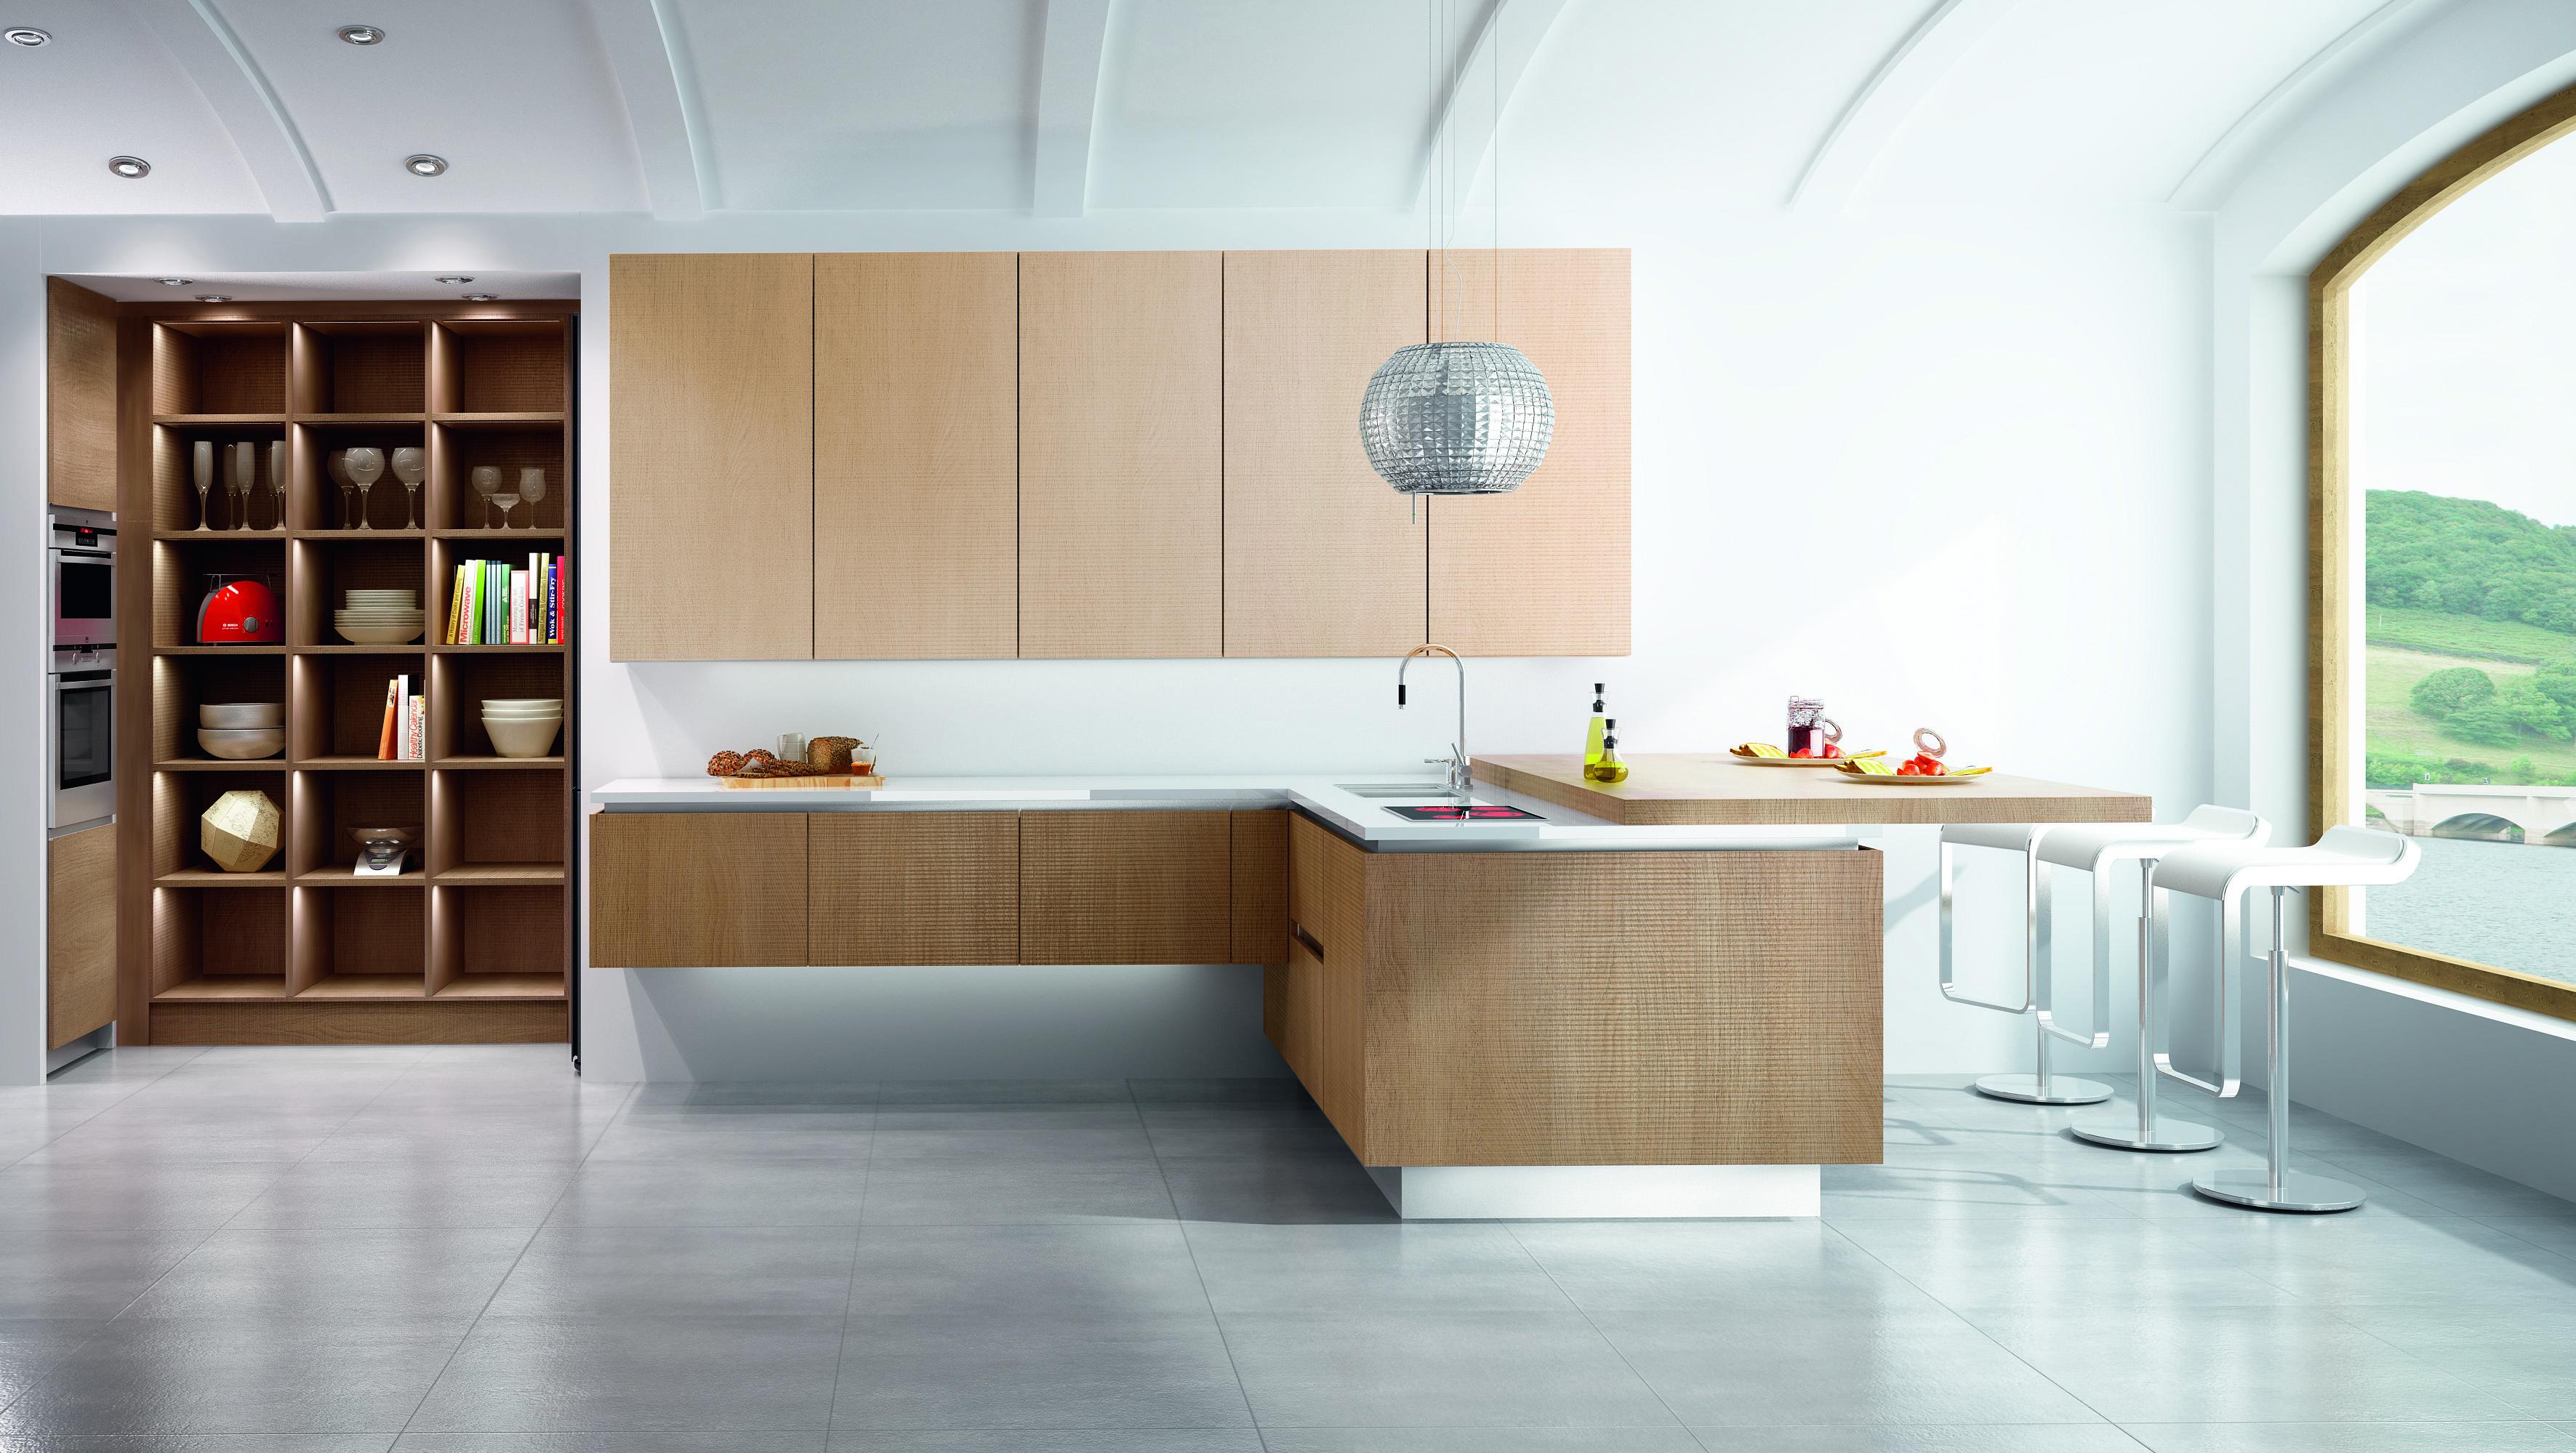 Medidas de modulos para muebles de cocina - Disenar muebles a medida ...